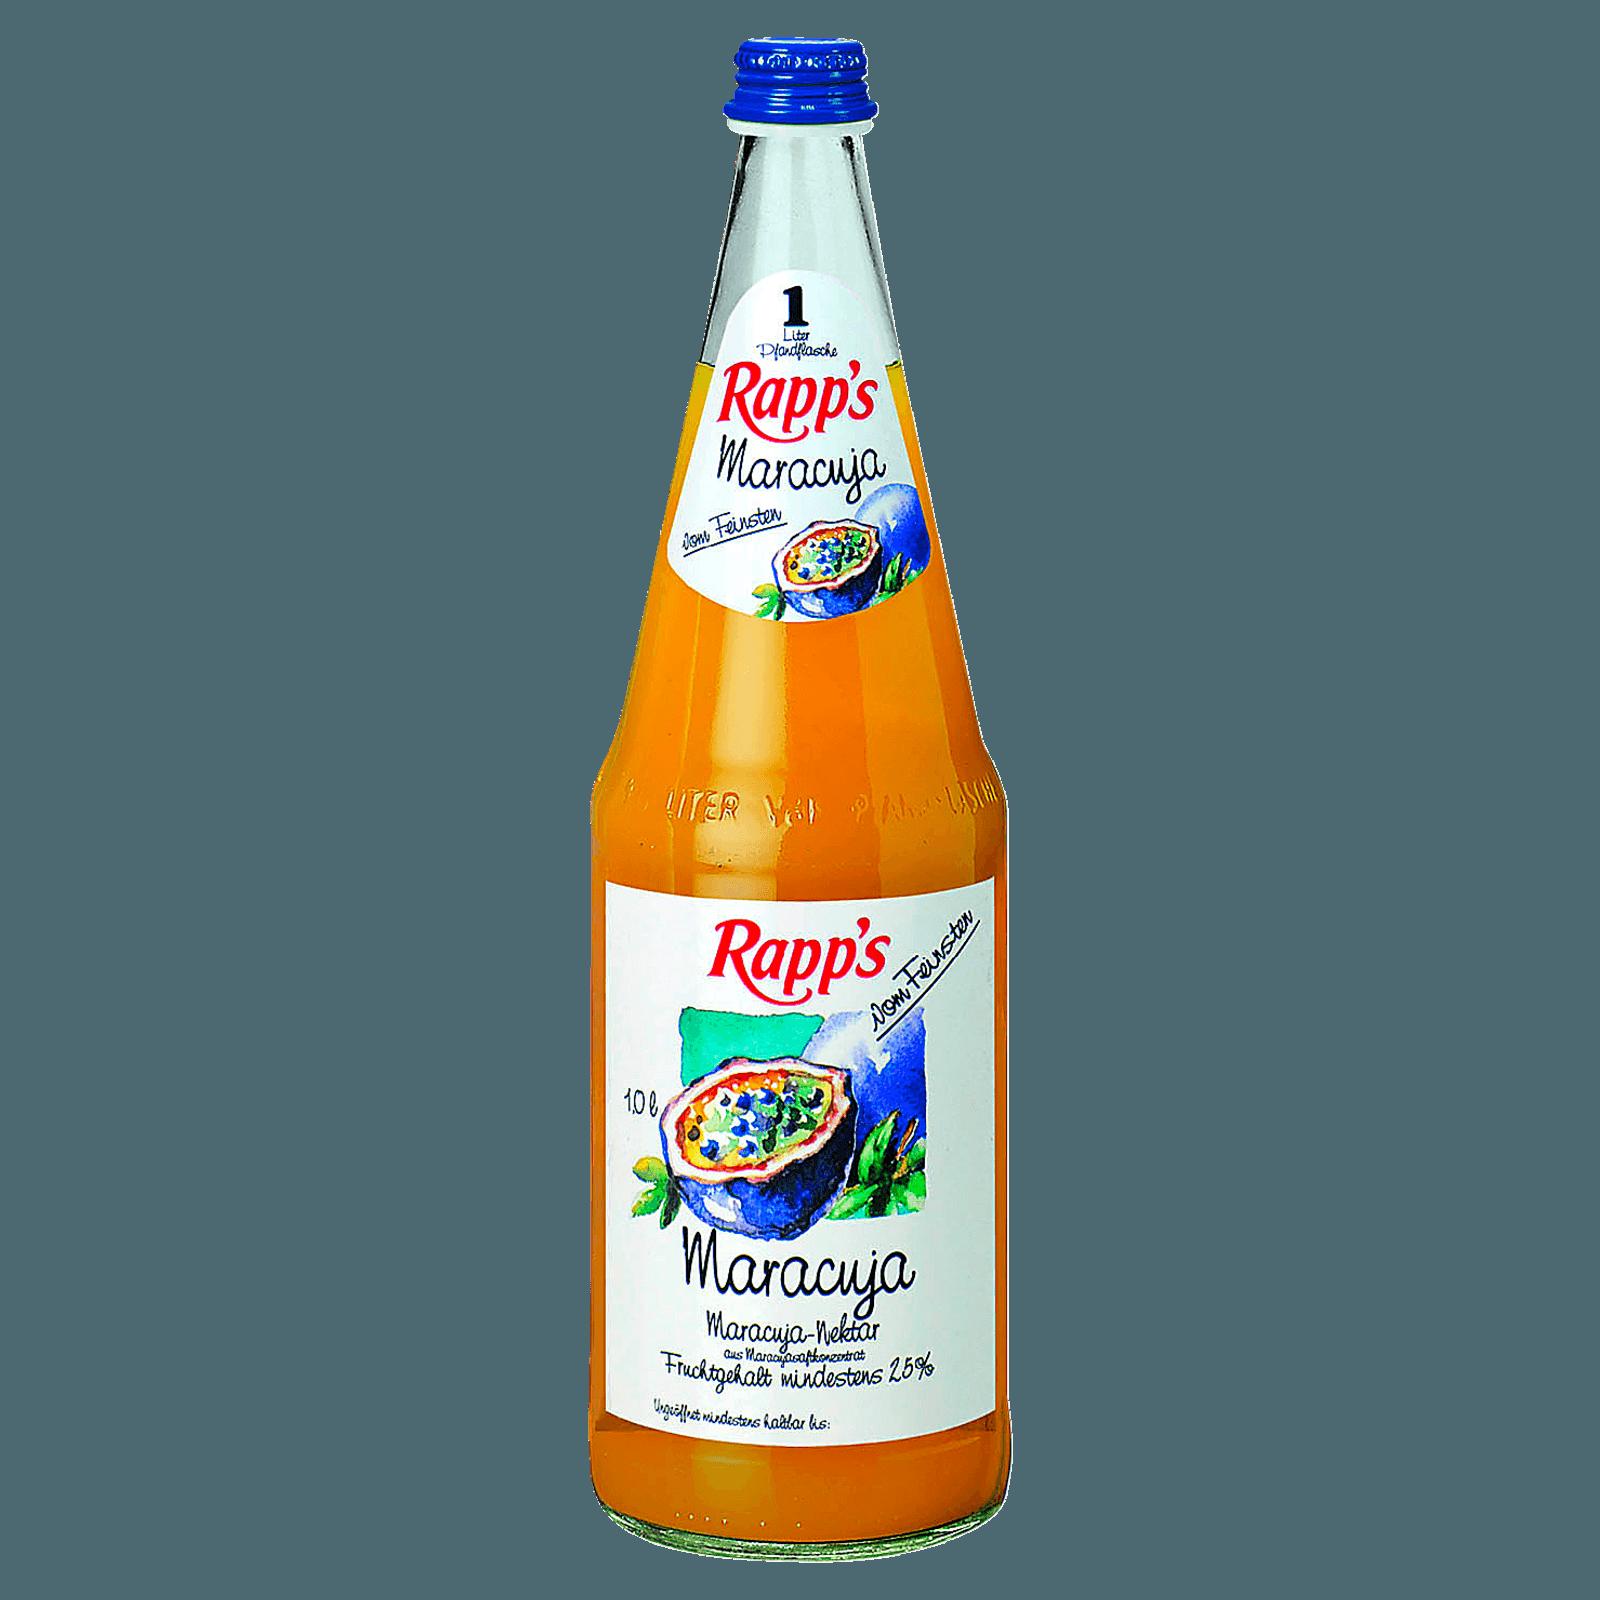 Rapp\'s Maracuja 1l bei REWE online bestellen! REWE.de